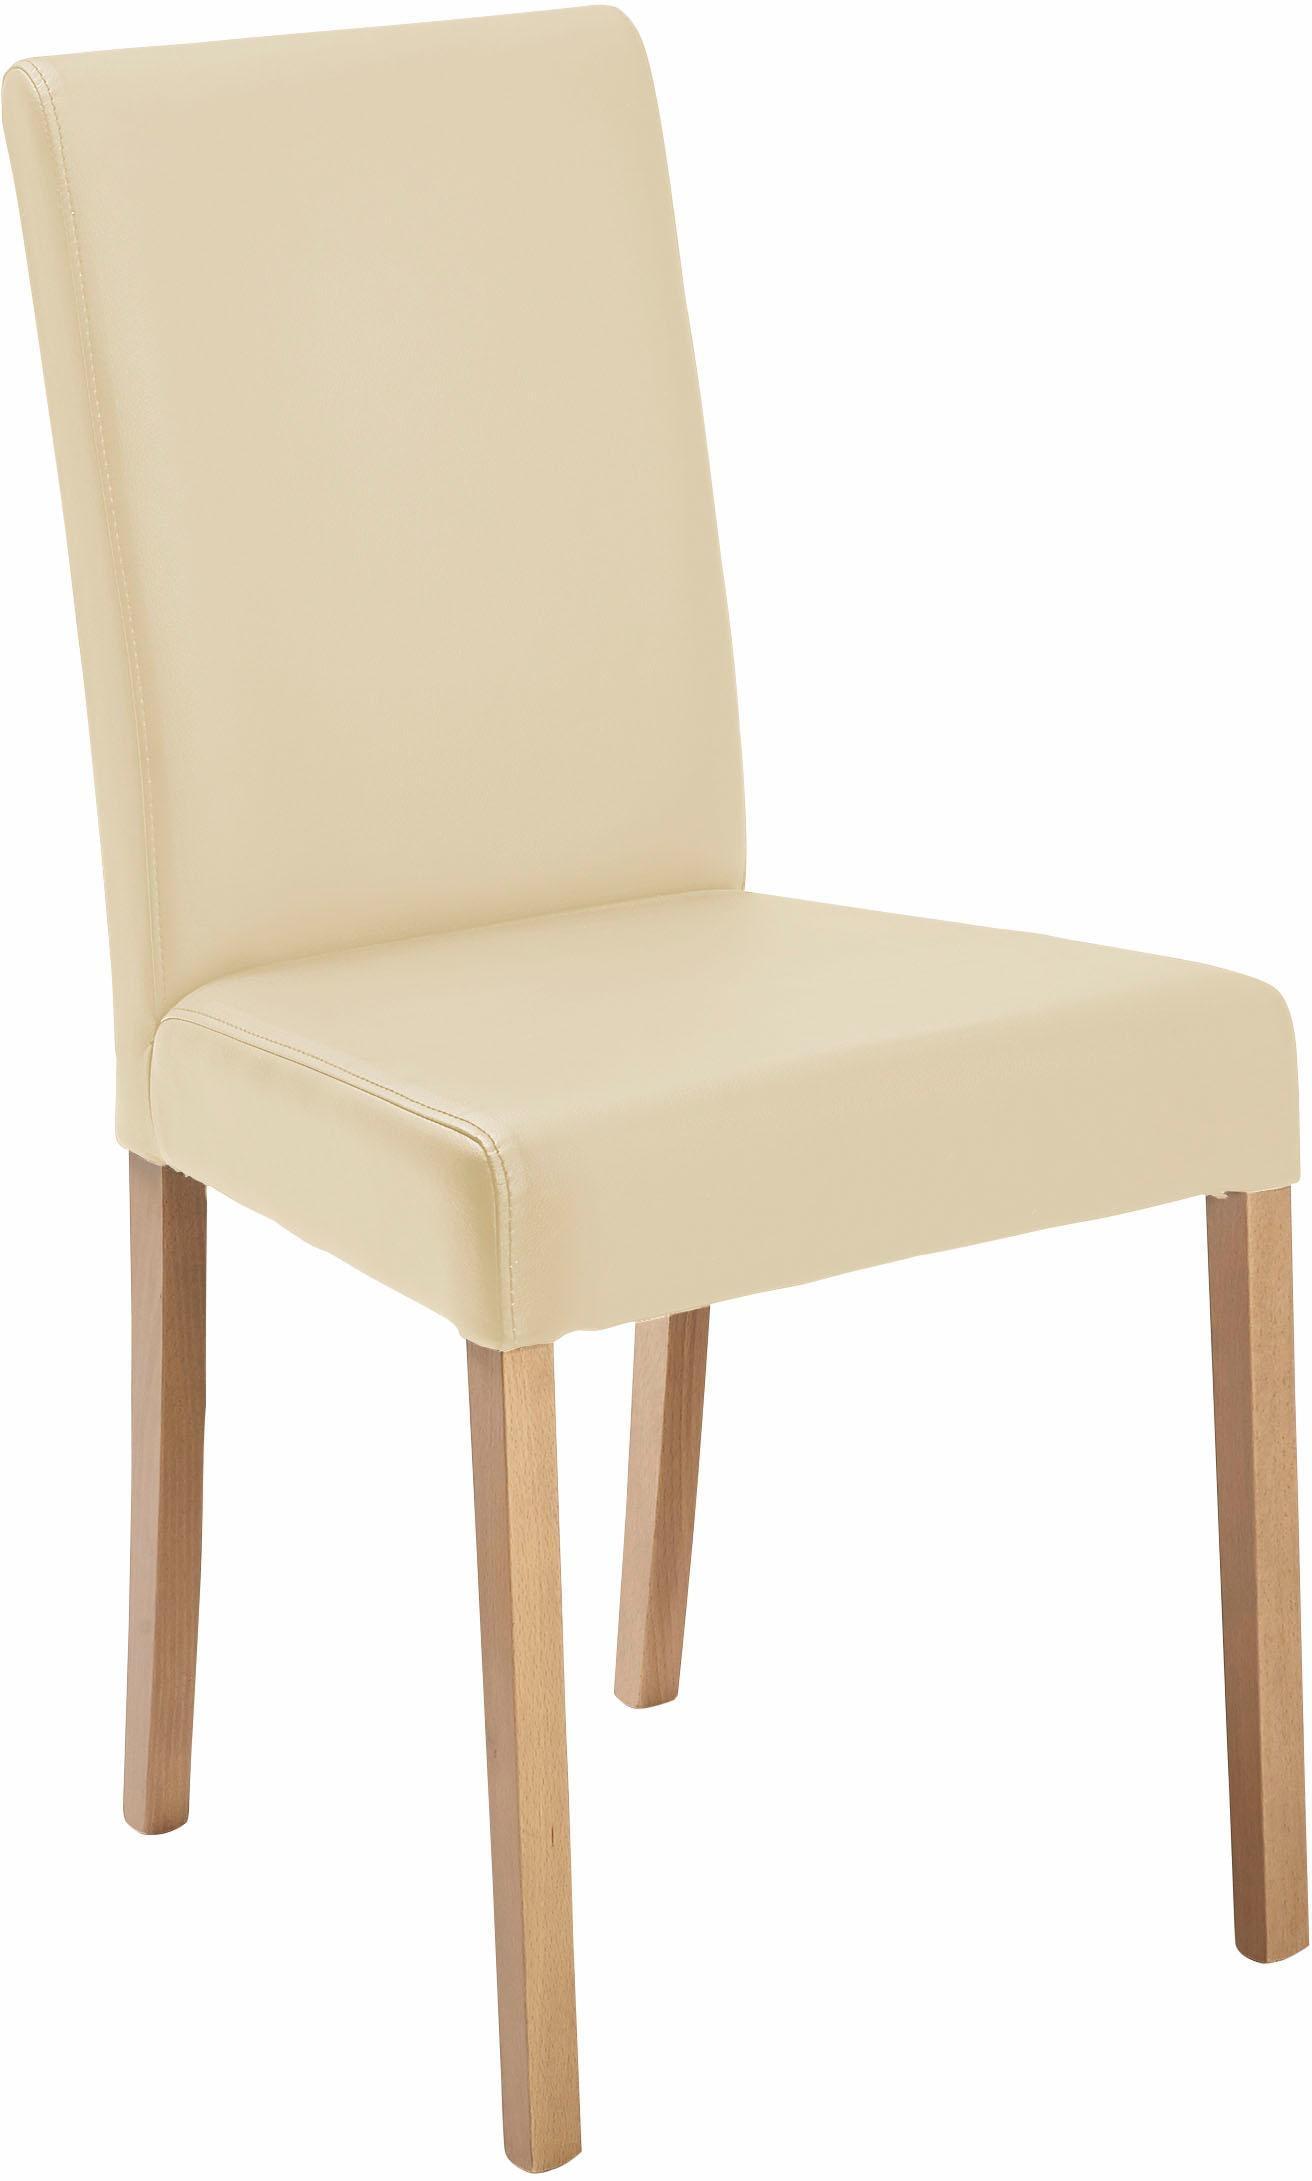 sch sswender 4 fu stuhl anna bequem auf rechnung. Black Bedroom Furniture Sets. Home Design Ideas